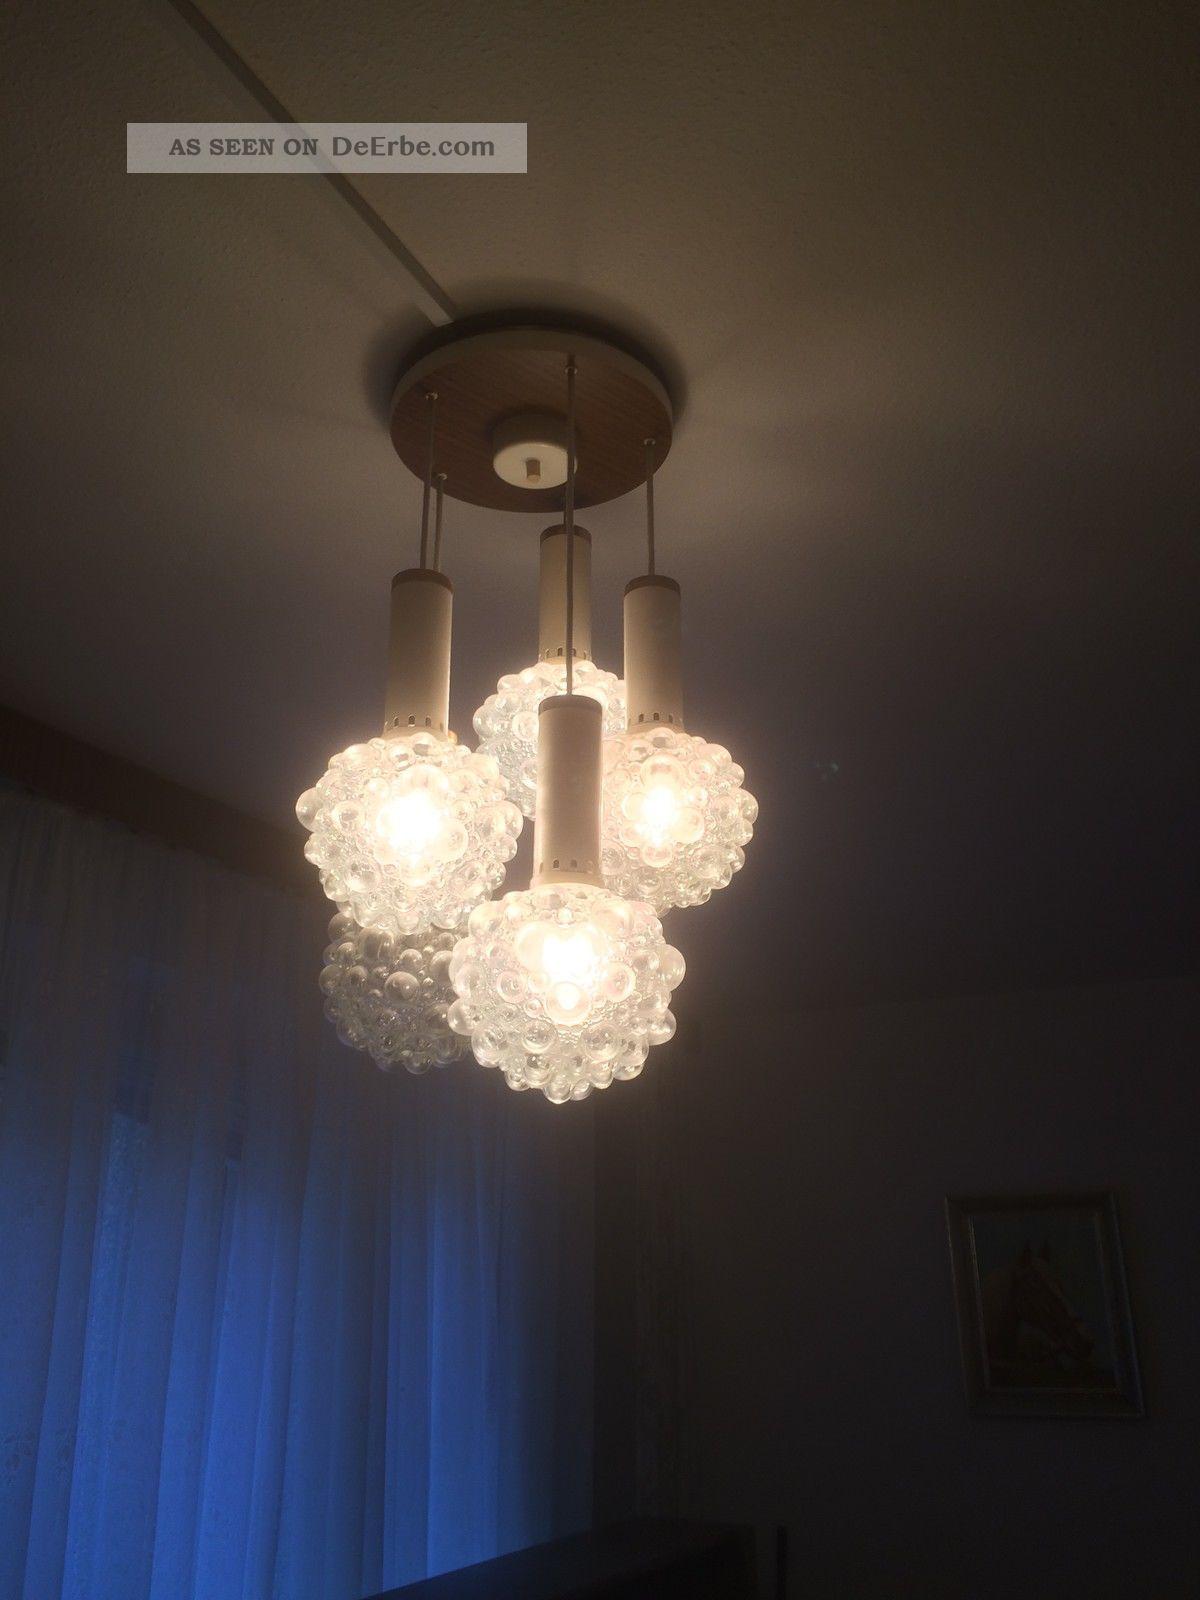 70er jahre lampe leuchte deckenlampe kugellampe bubble. Black Bedroom Furniture Sets. Home Design Ideas